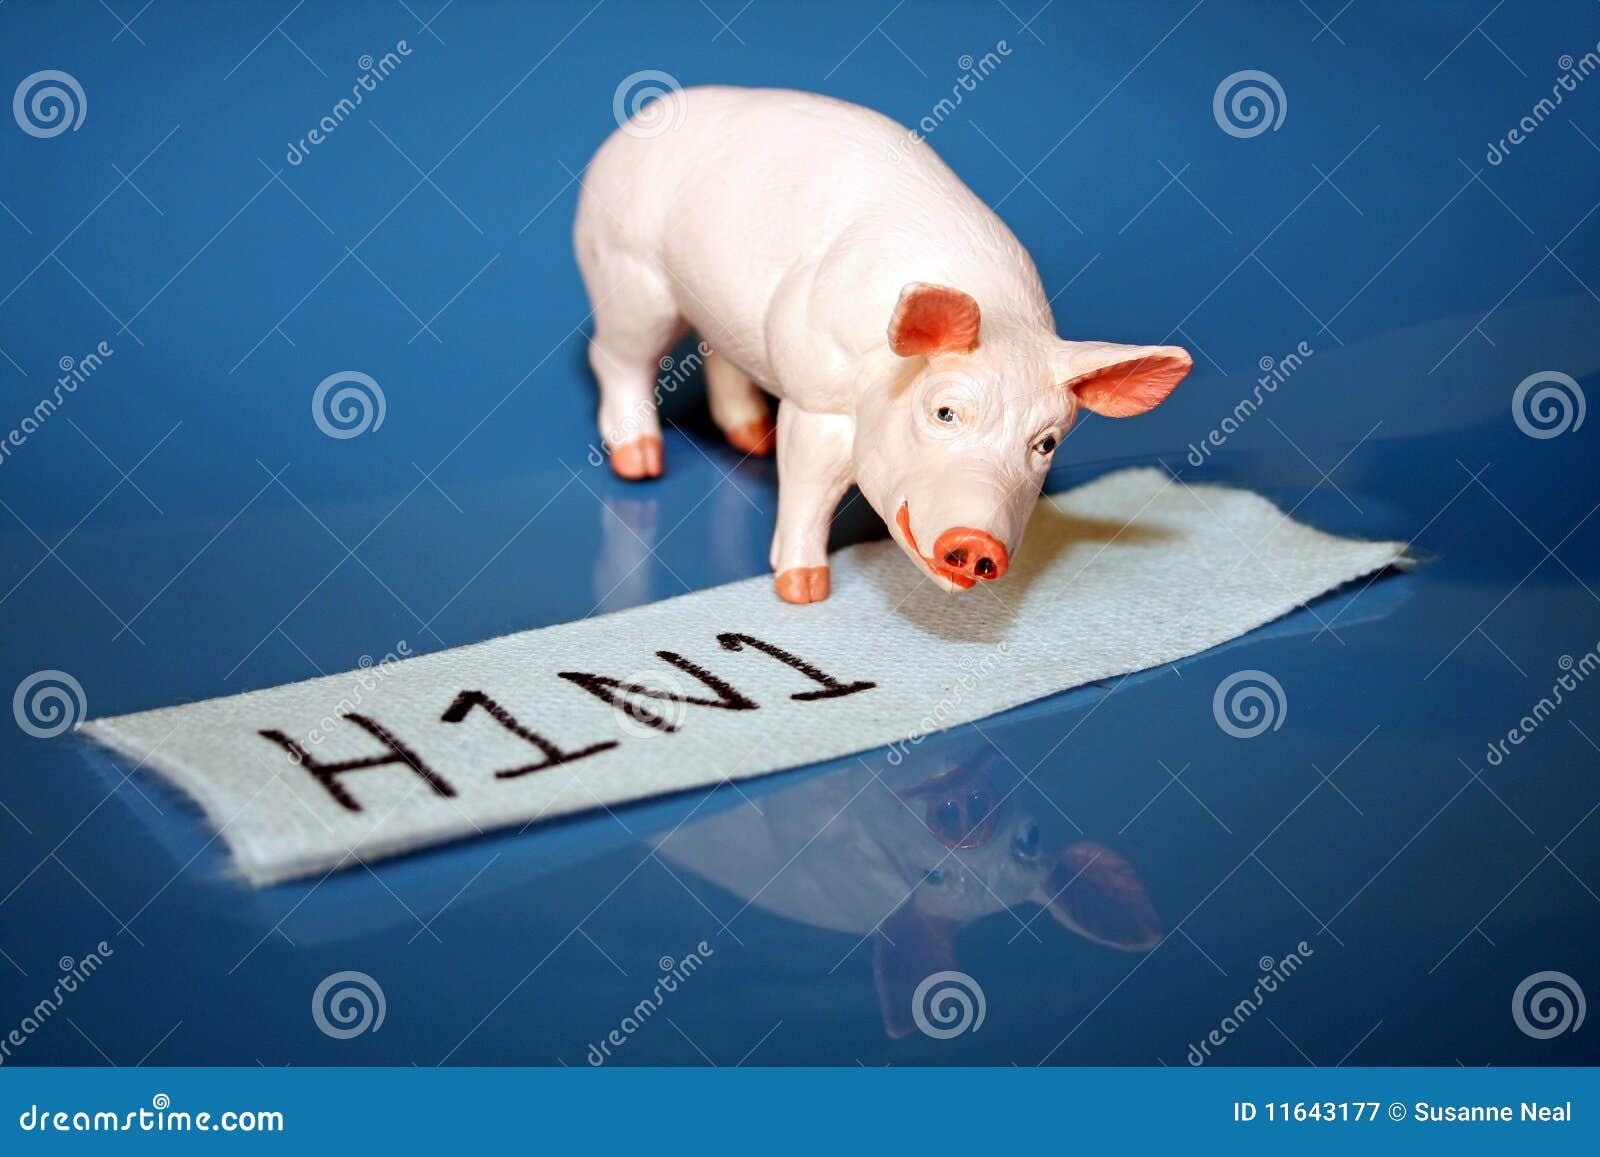 中国研究人员发现新型猪流感病毒